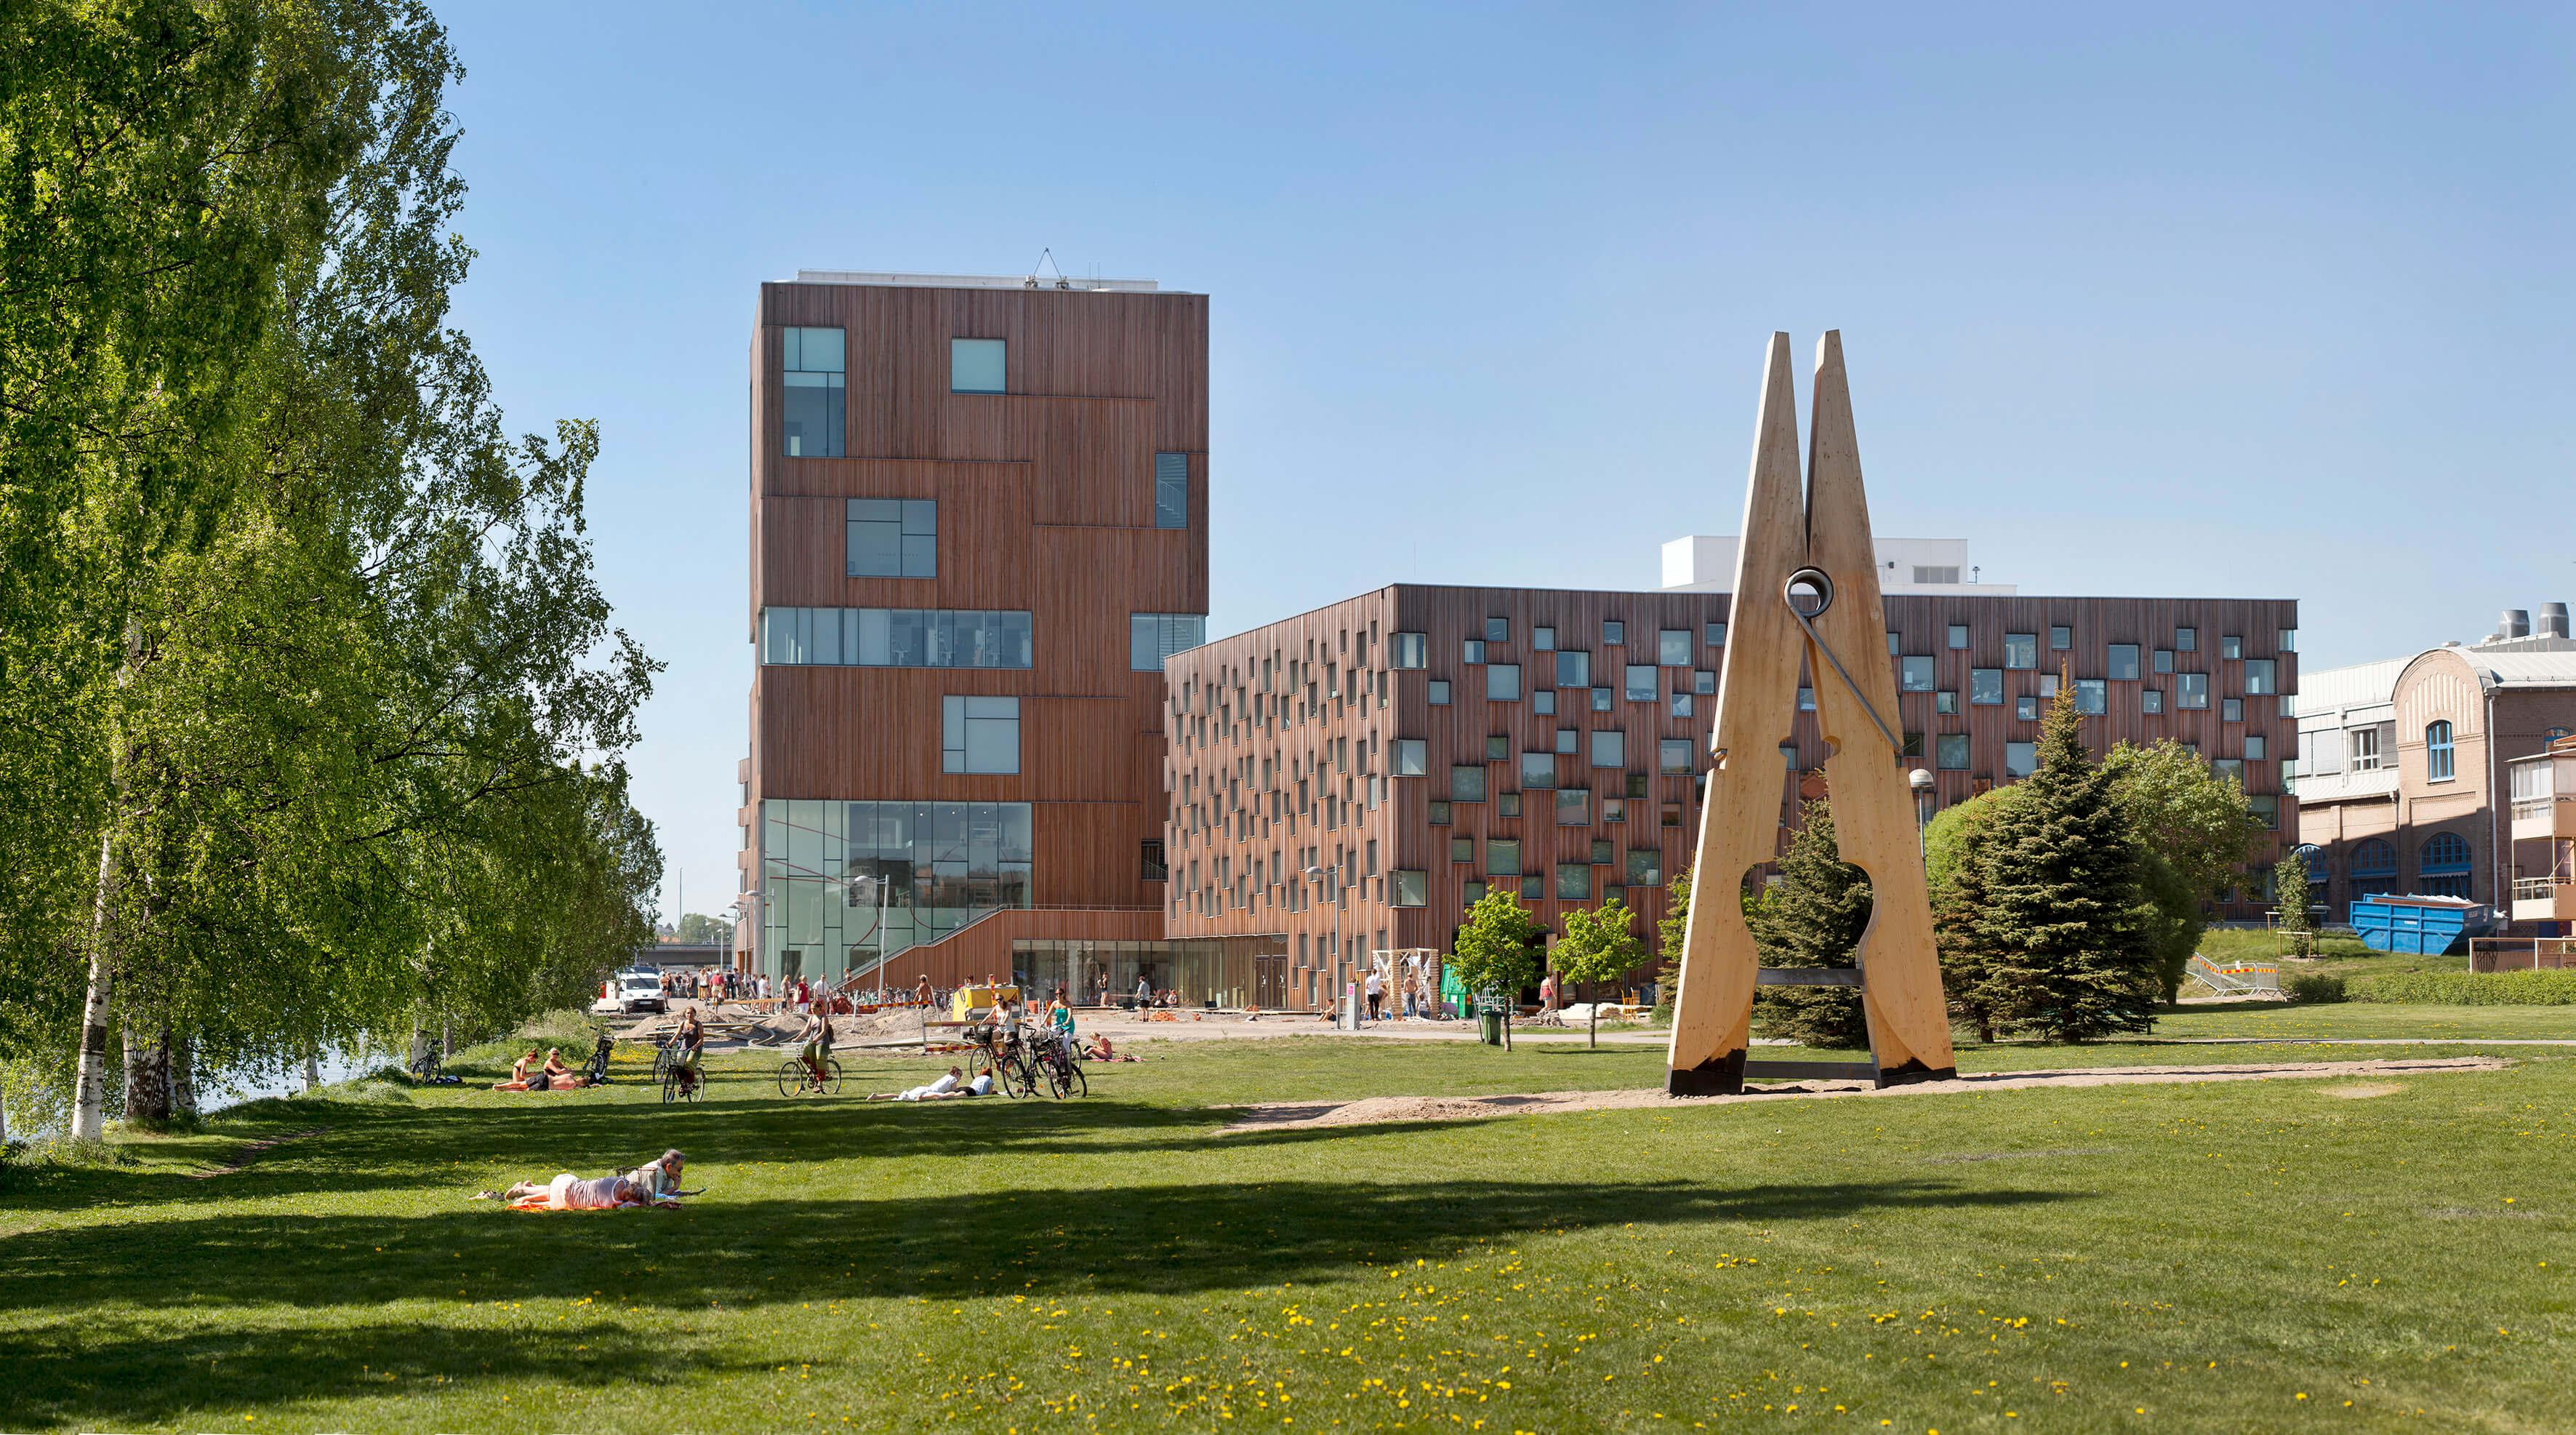 INTERACTIVE CONTENT: Umeå Institute of Design: Degrees that inspire hope